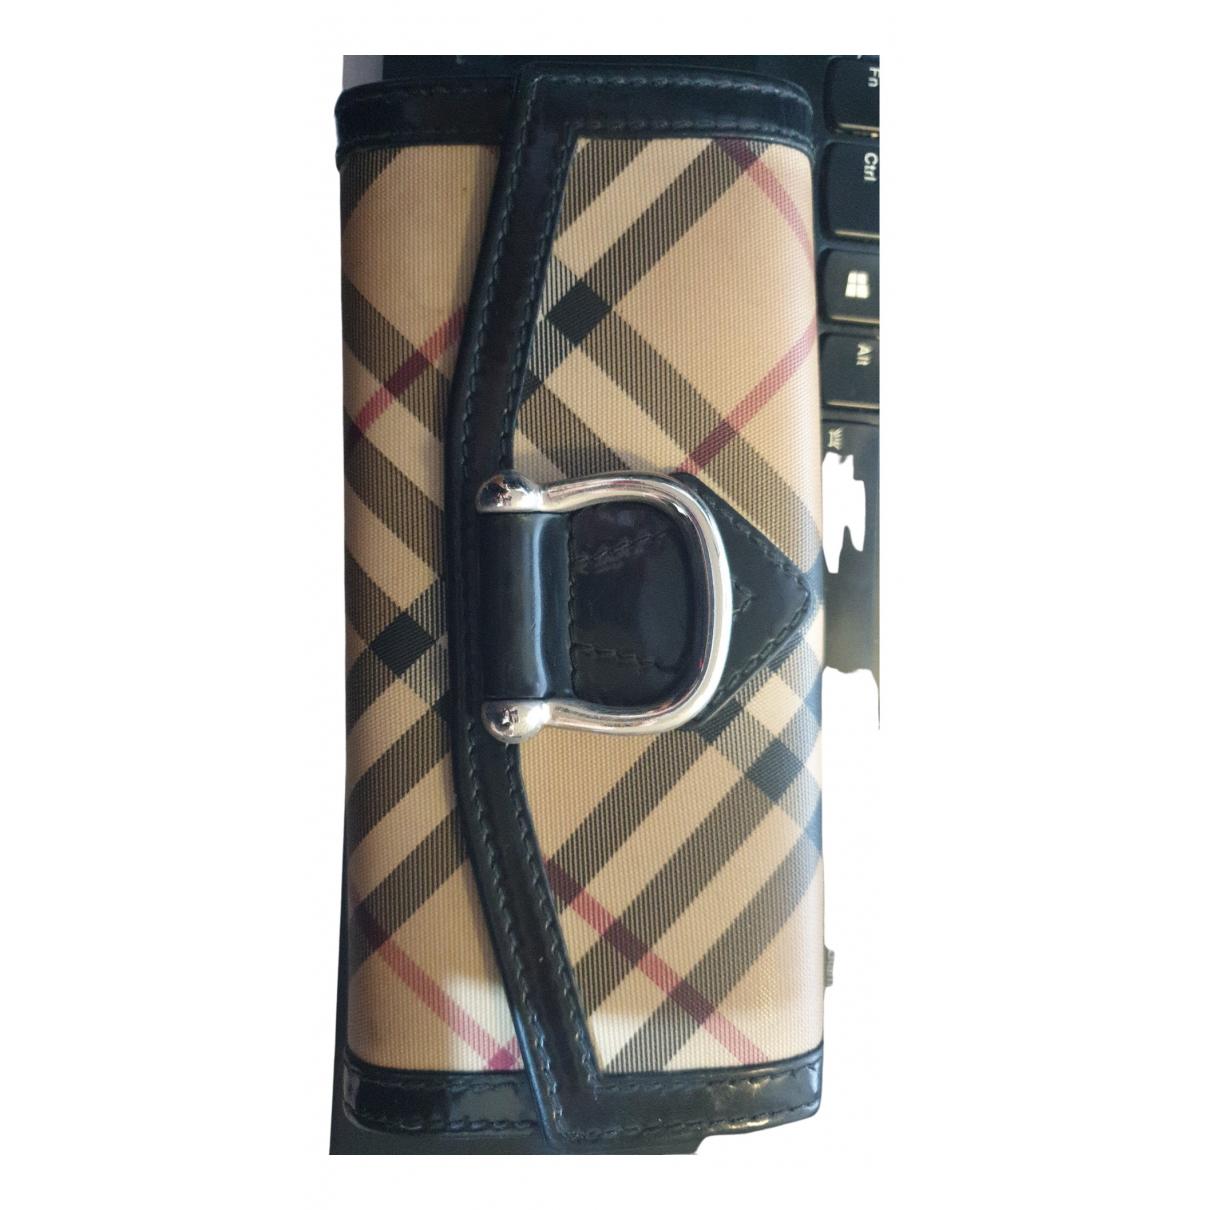 Burberry - Portefeuille   pour femme en cuir verni - multicolore